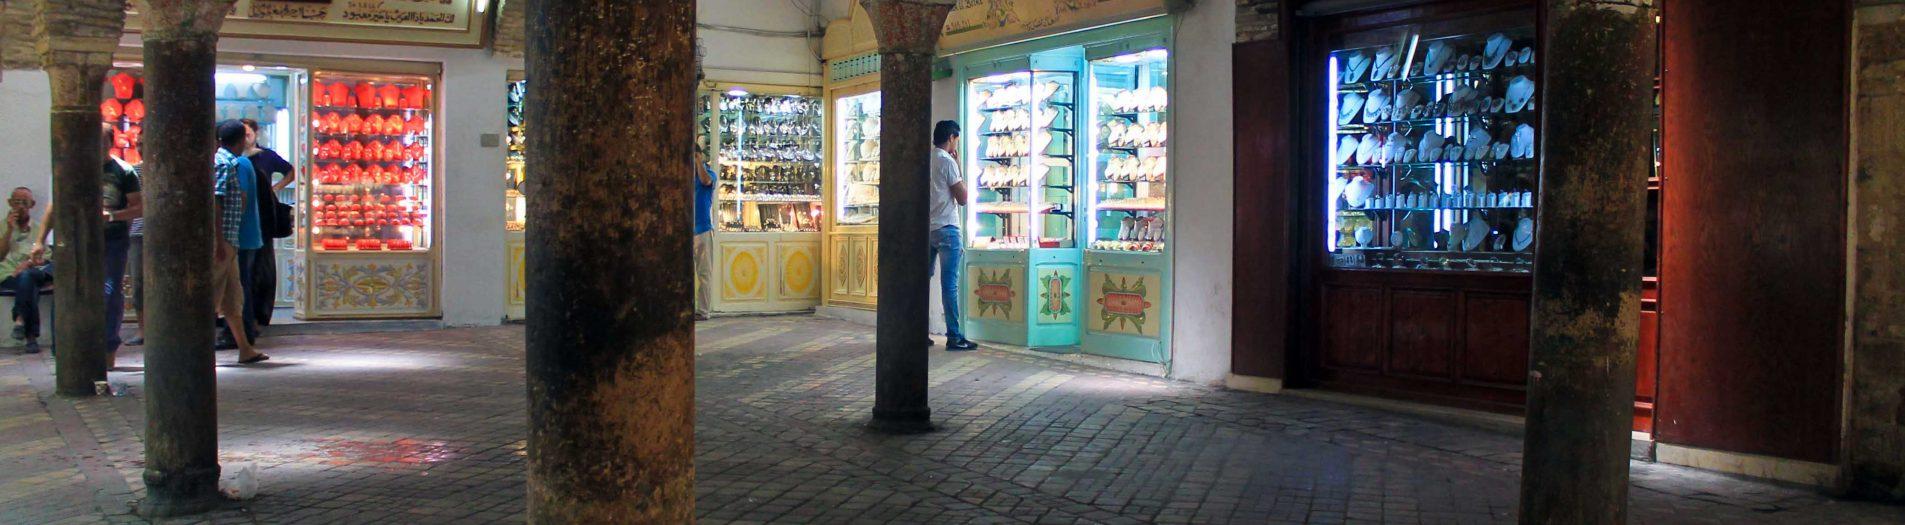 سوق البركة بمدينة تونس